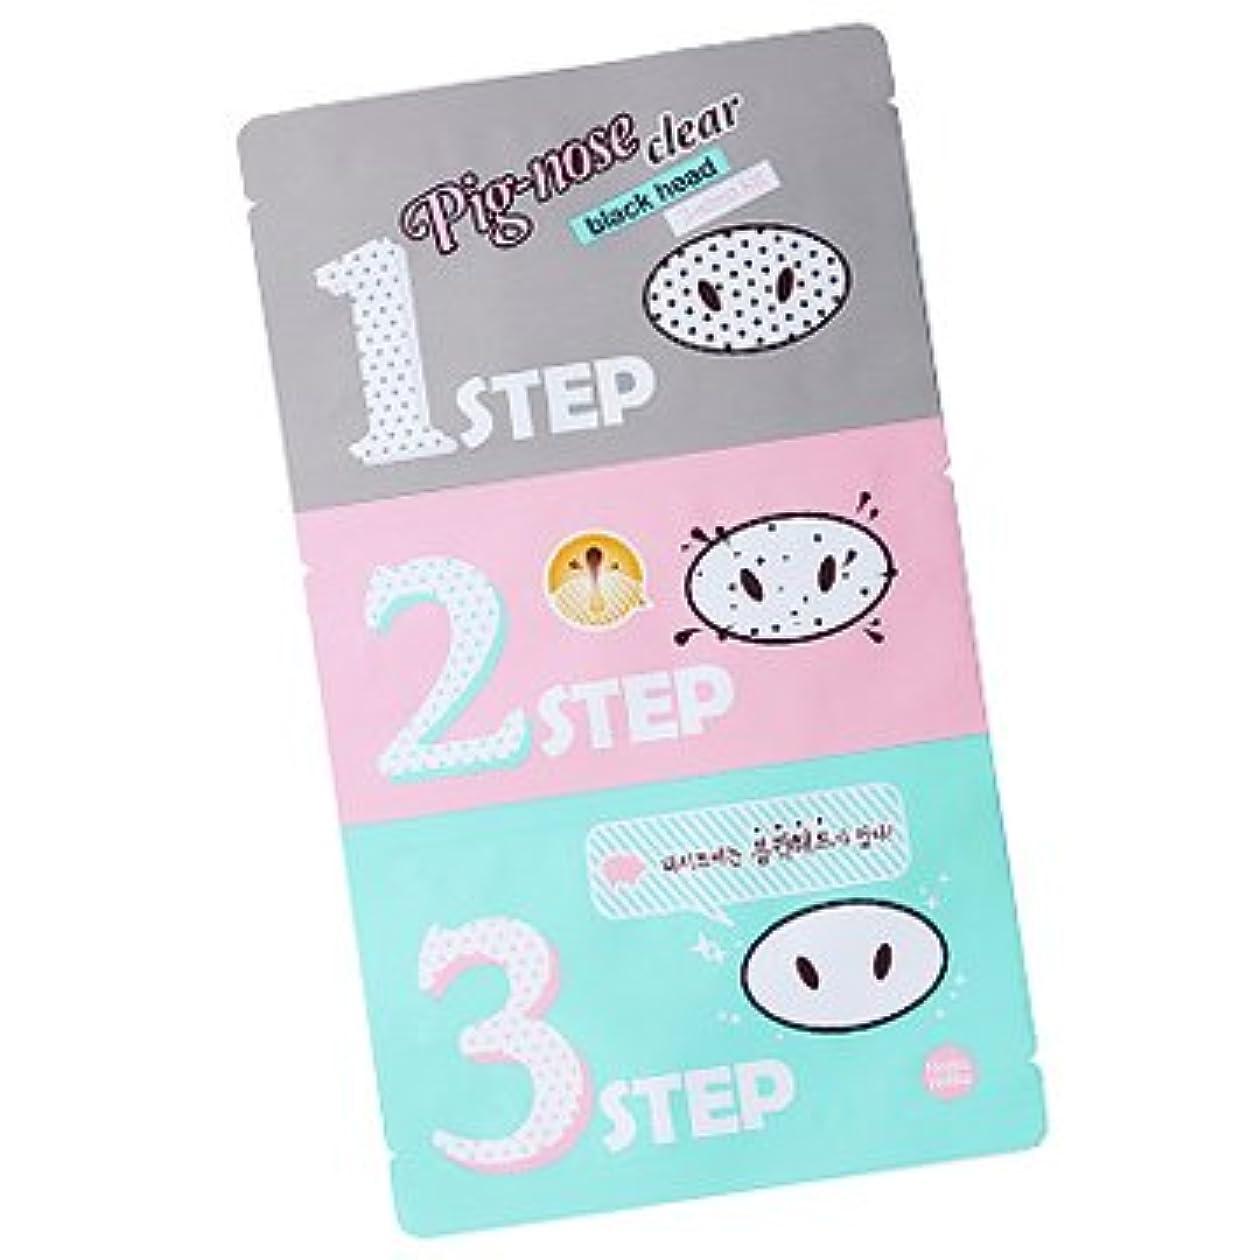 長いですガラガラレビューHolika Holika Pig Nose Clear Black Head 3-Step Kit 10EA (Nose Pack) ホリカホリカ ピグノーズクリアブラックヘッド3-Stepキット(鼻パック) 10pcs...